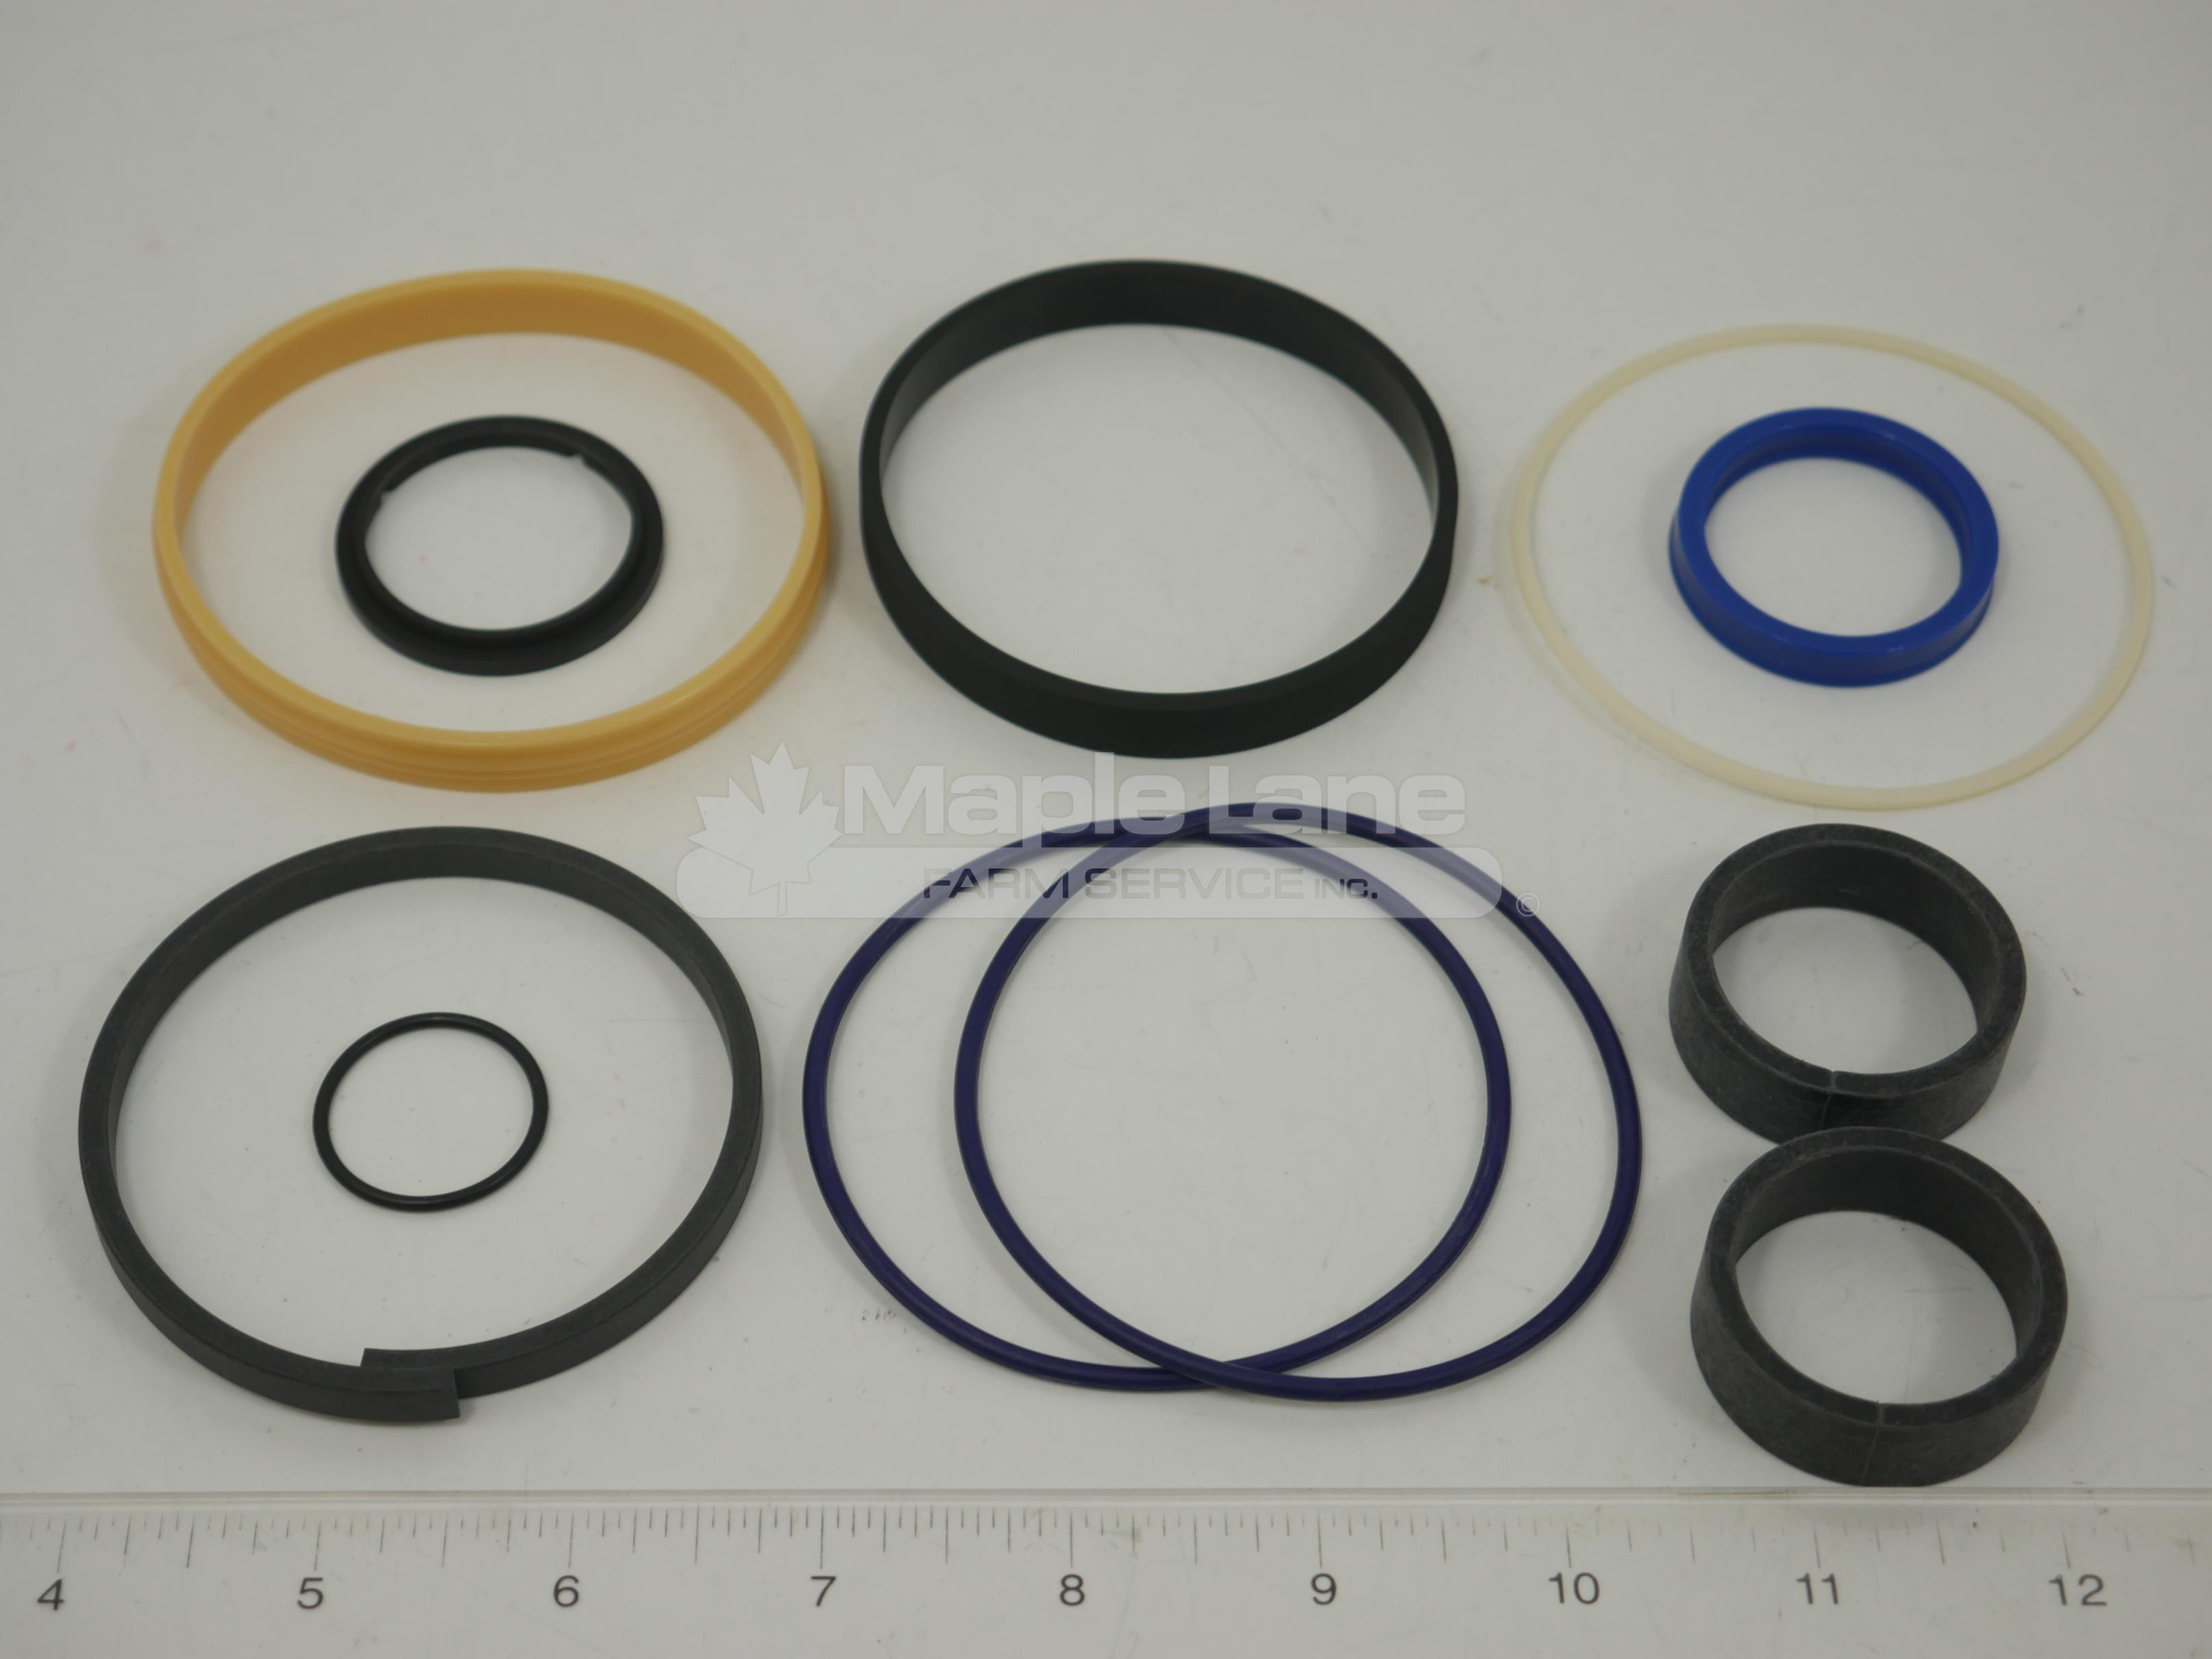 700750185 Seal Kit